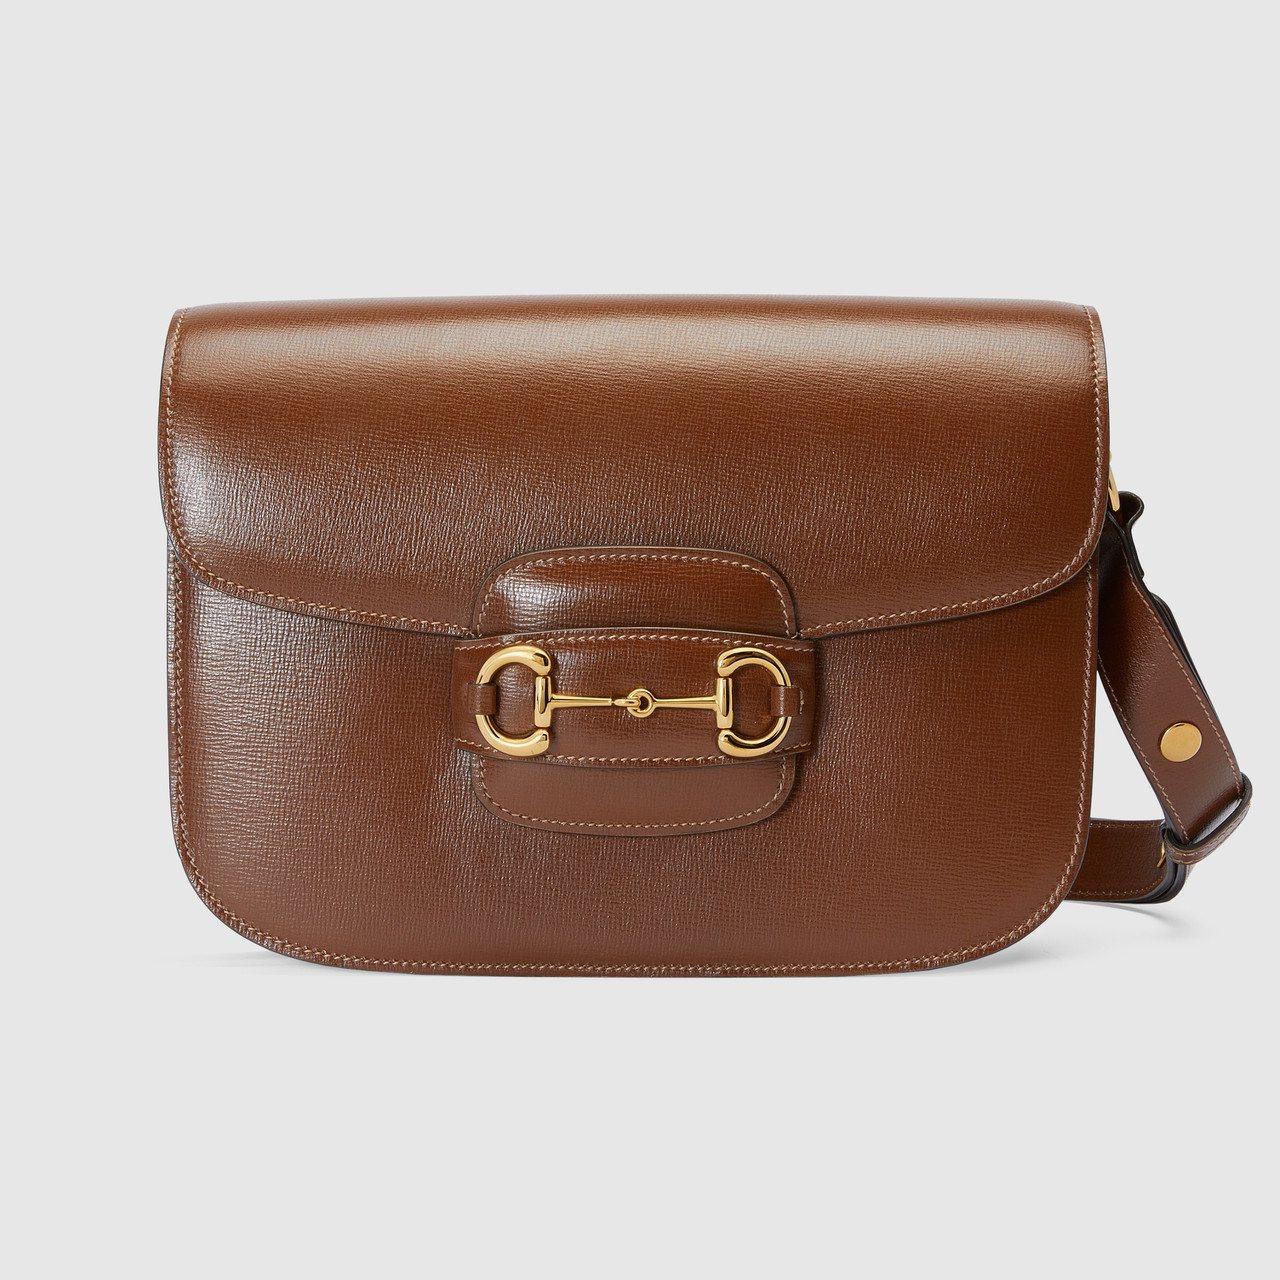 1955 Horsebit焦糖色復古皮革馬銜鍊肩背包,84,400元。圖/GUC...